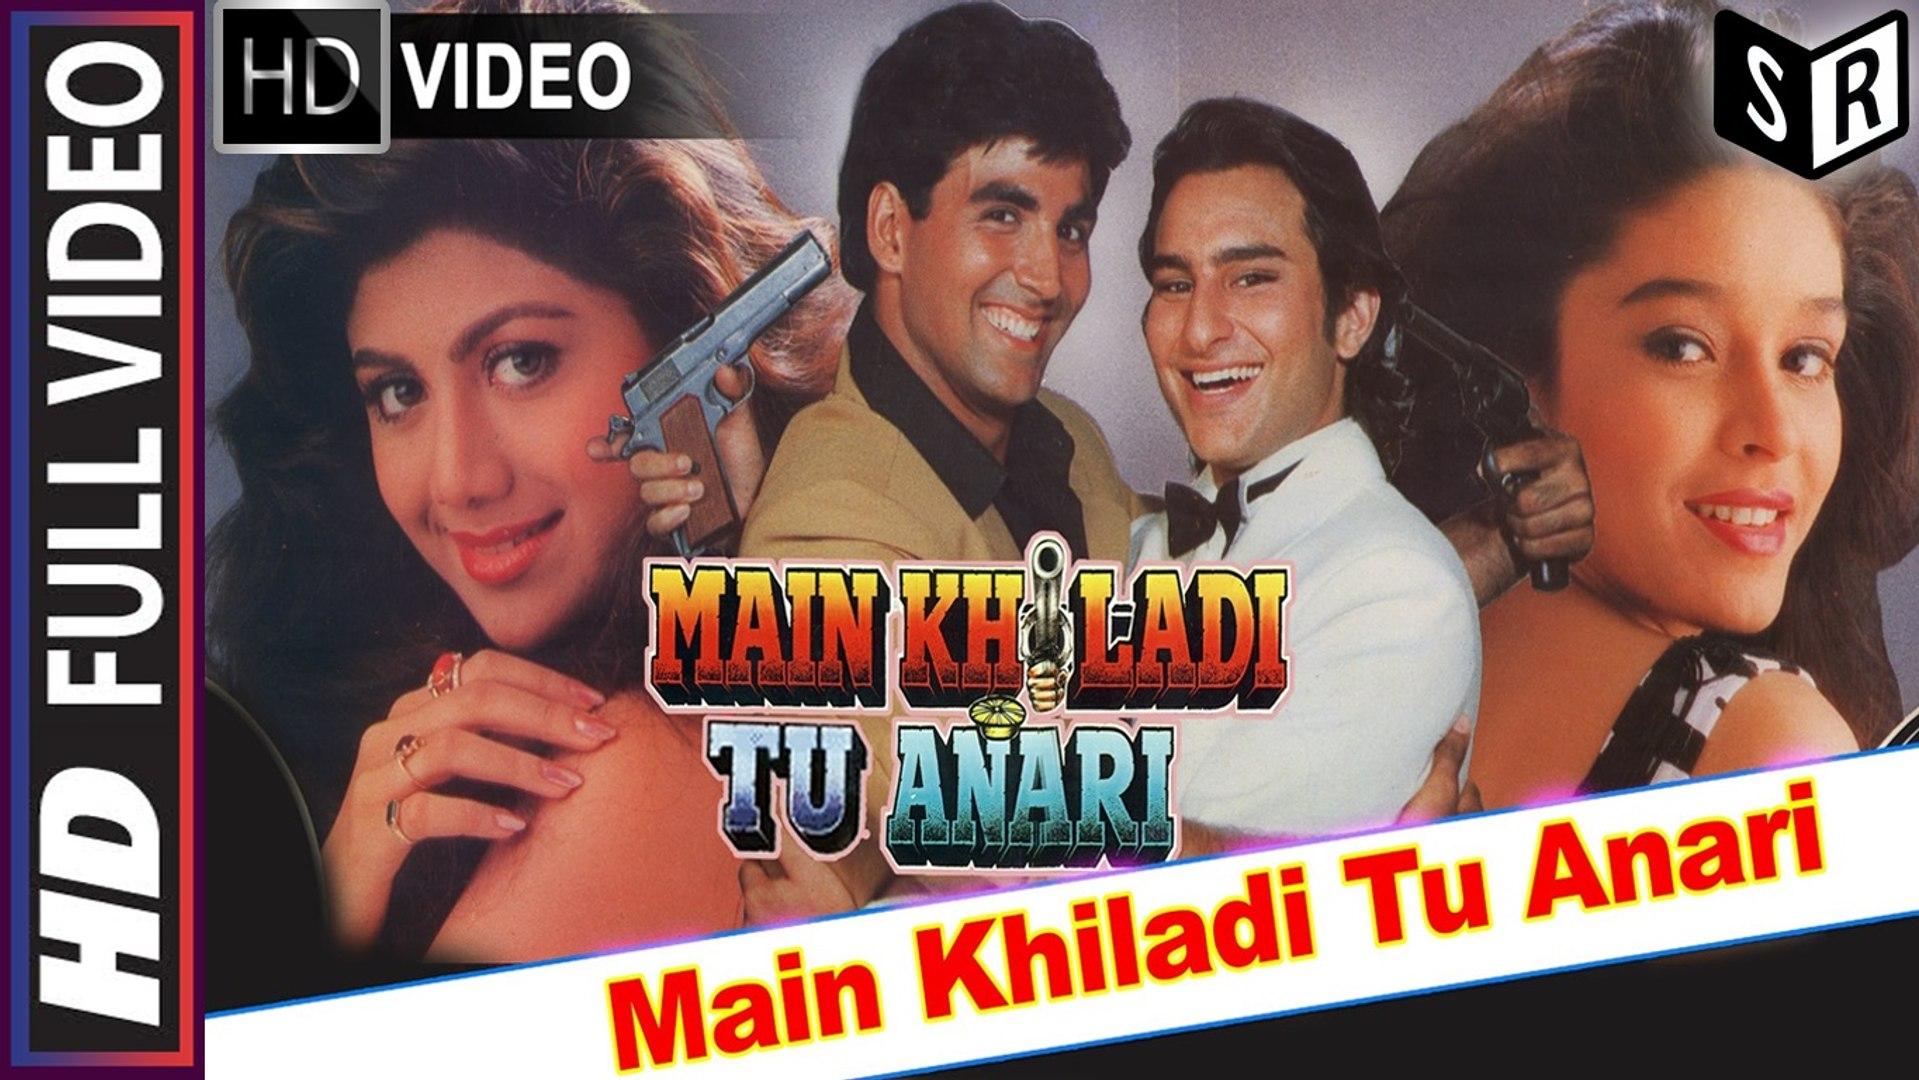 Main Khiladi Tu Anari [Full Video Song] - Main Khiladi Tu Anari [1994] FT.  Akshay Kumar & Saif Ali Khan [HD] - (SULEMAN - RECORD) - video dailymotion